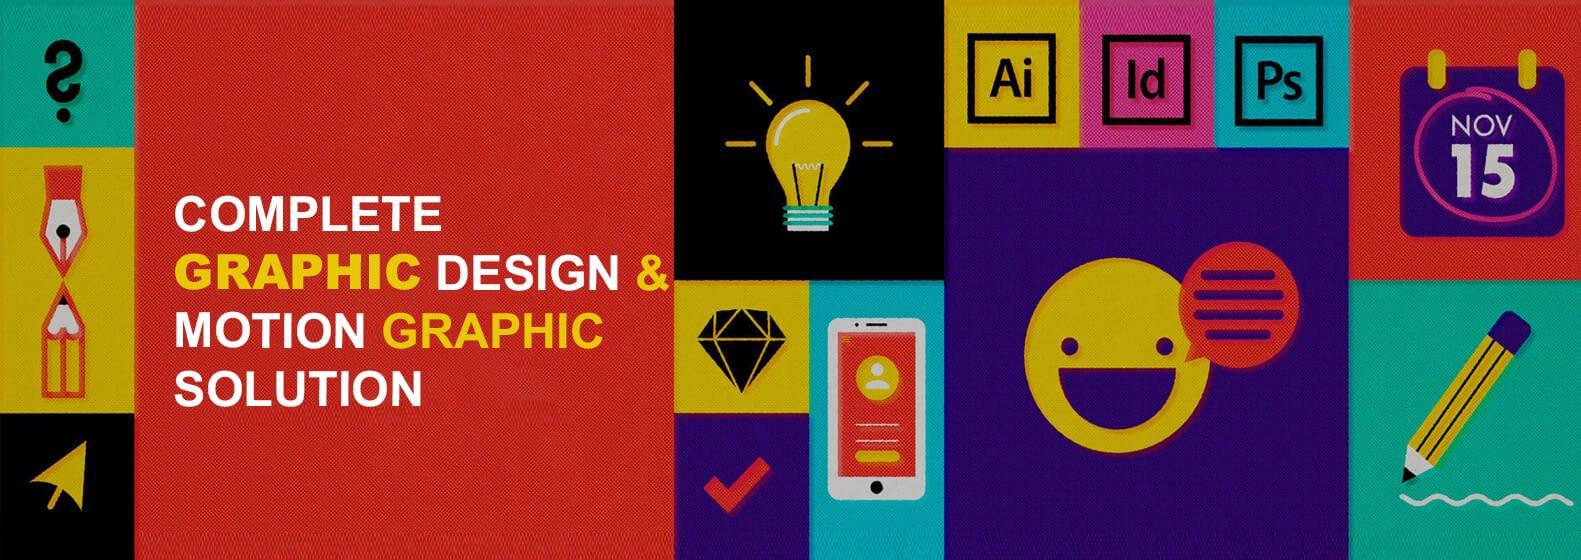 graphic_designing